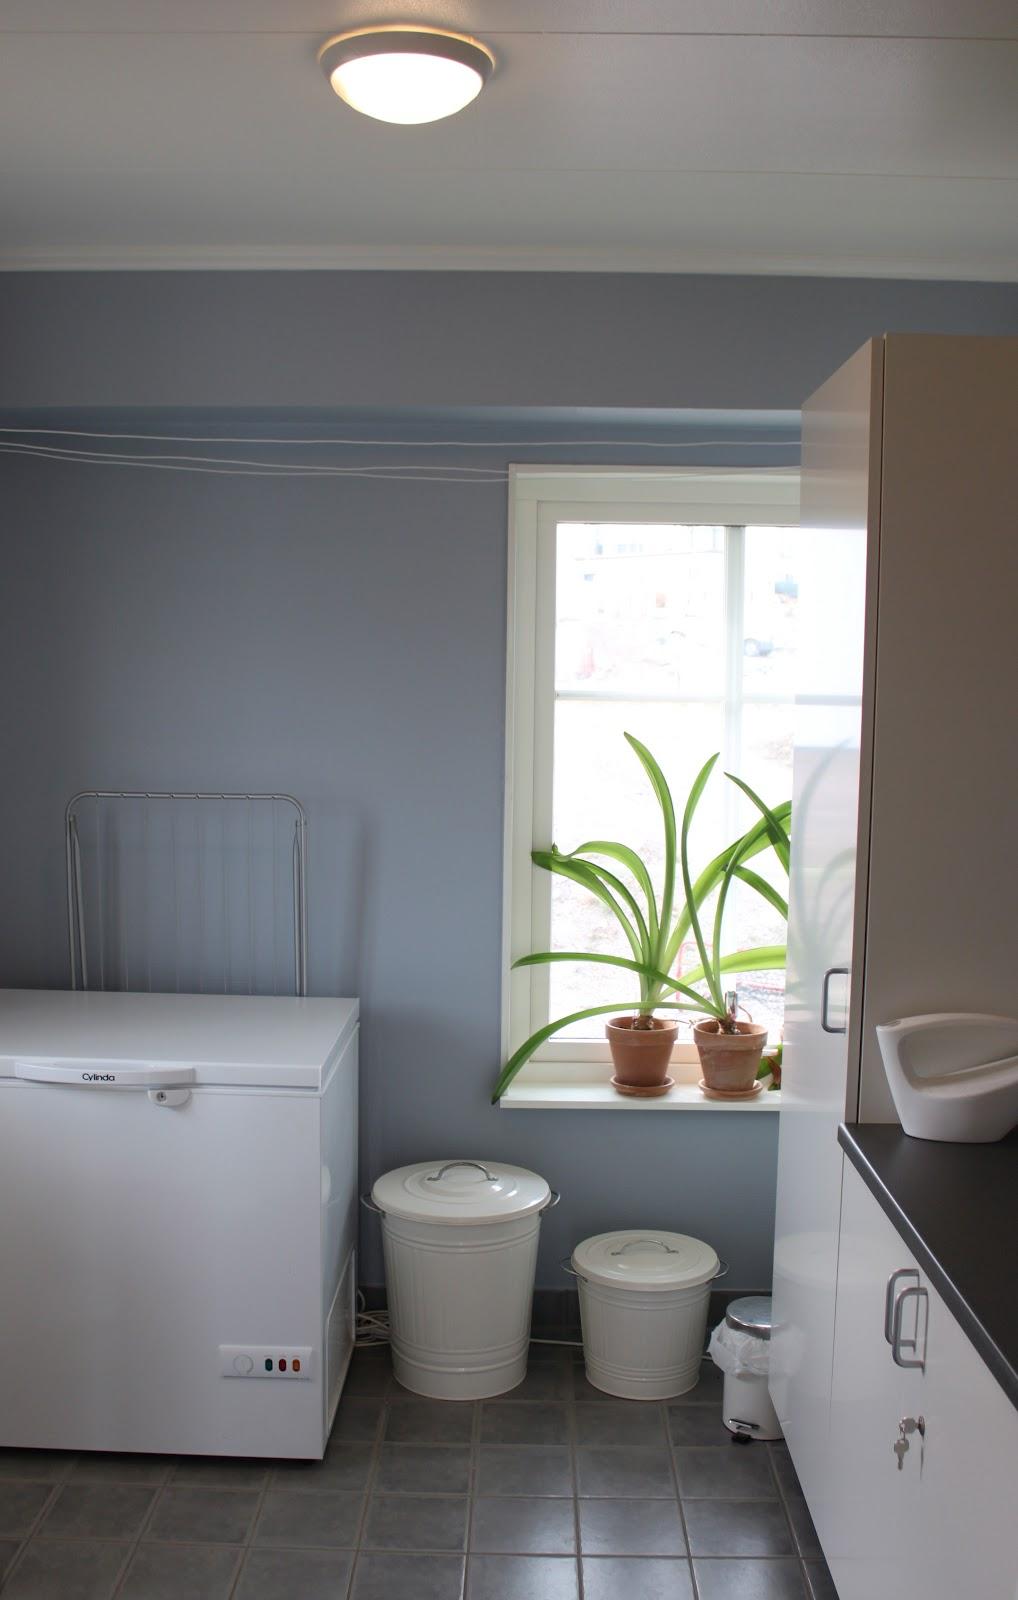 carinashousebythesea: Tvättstugan